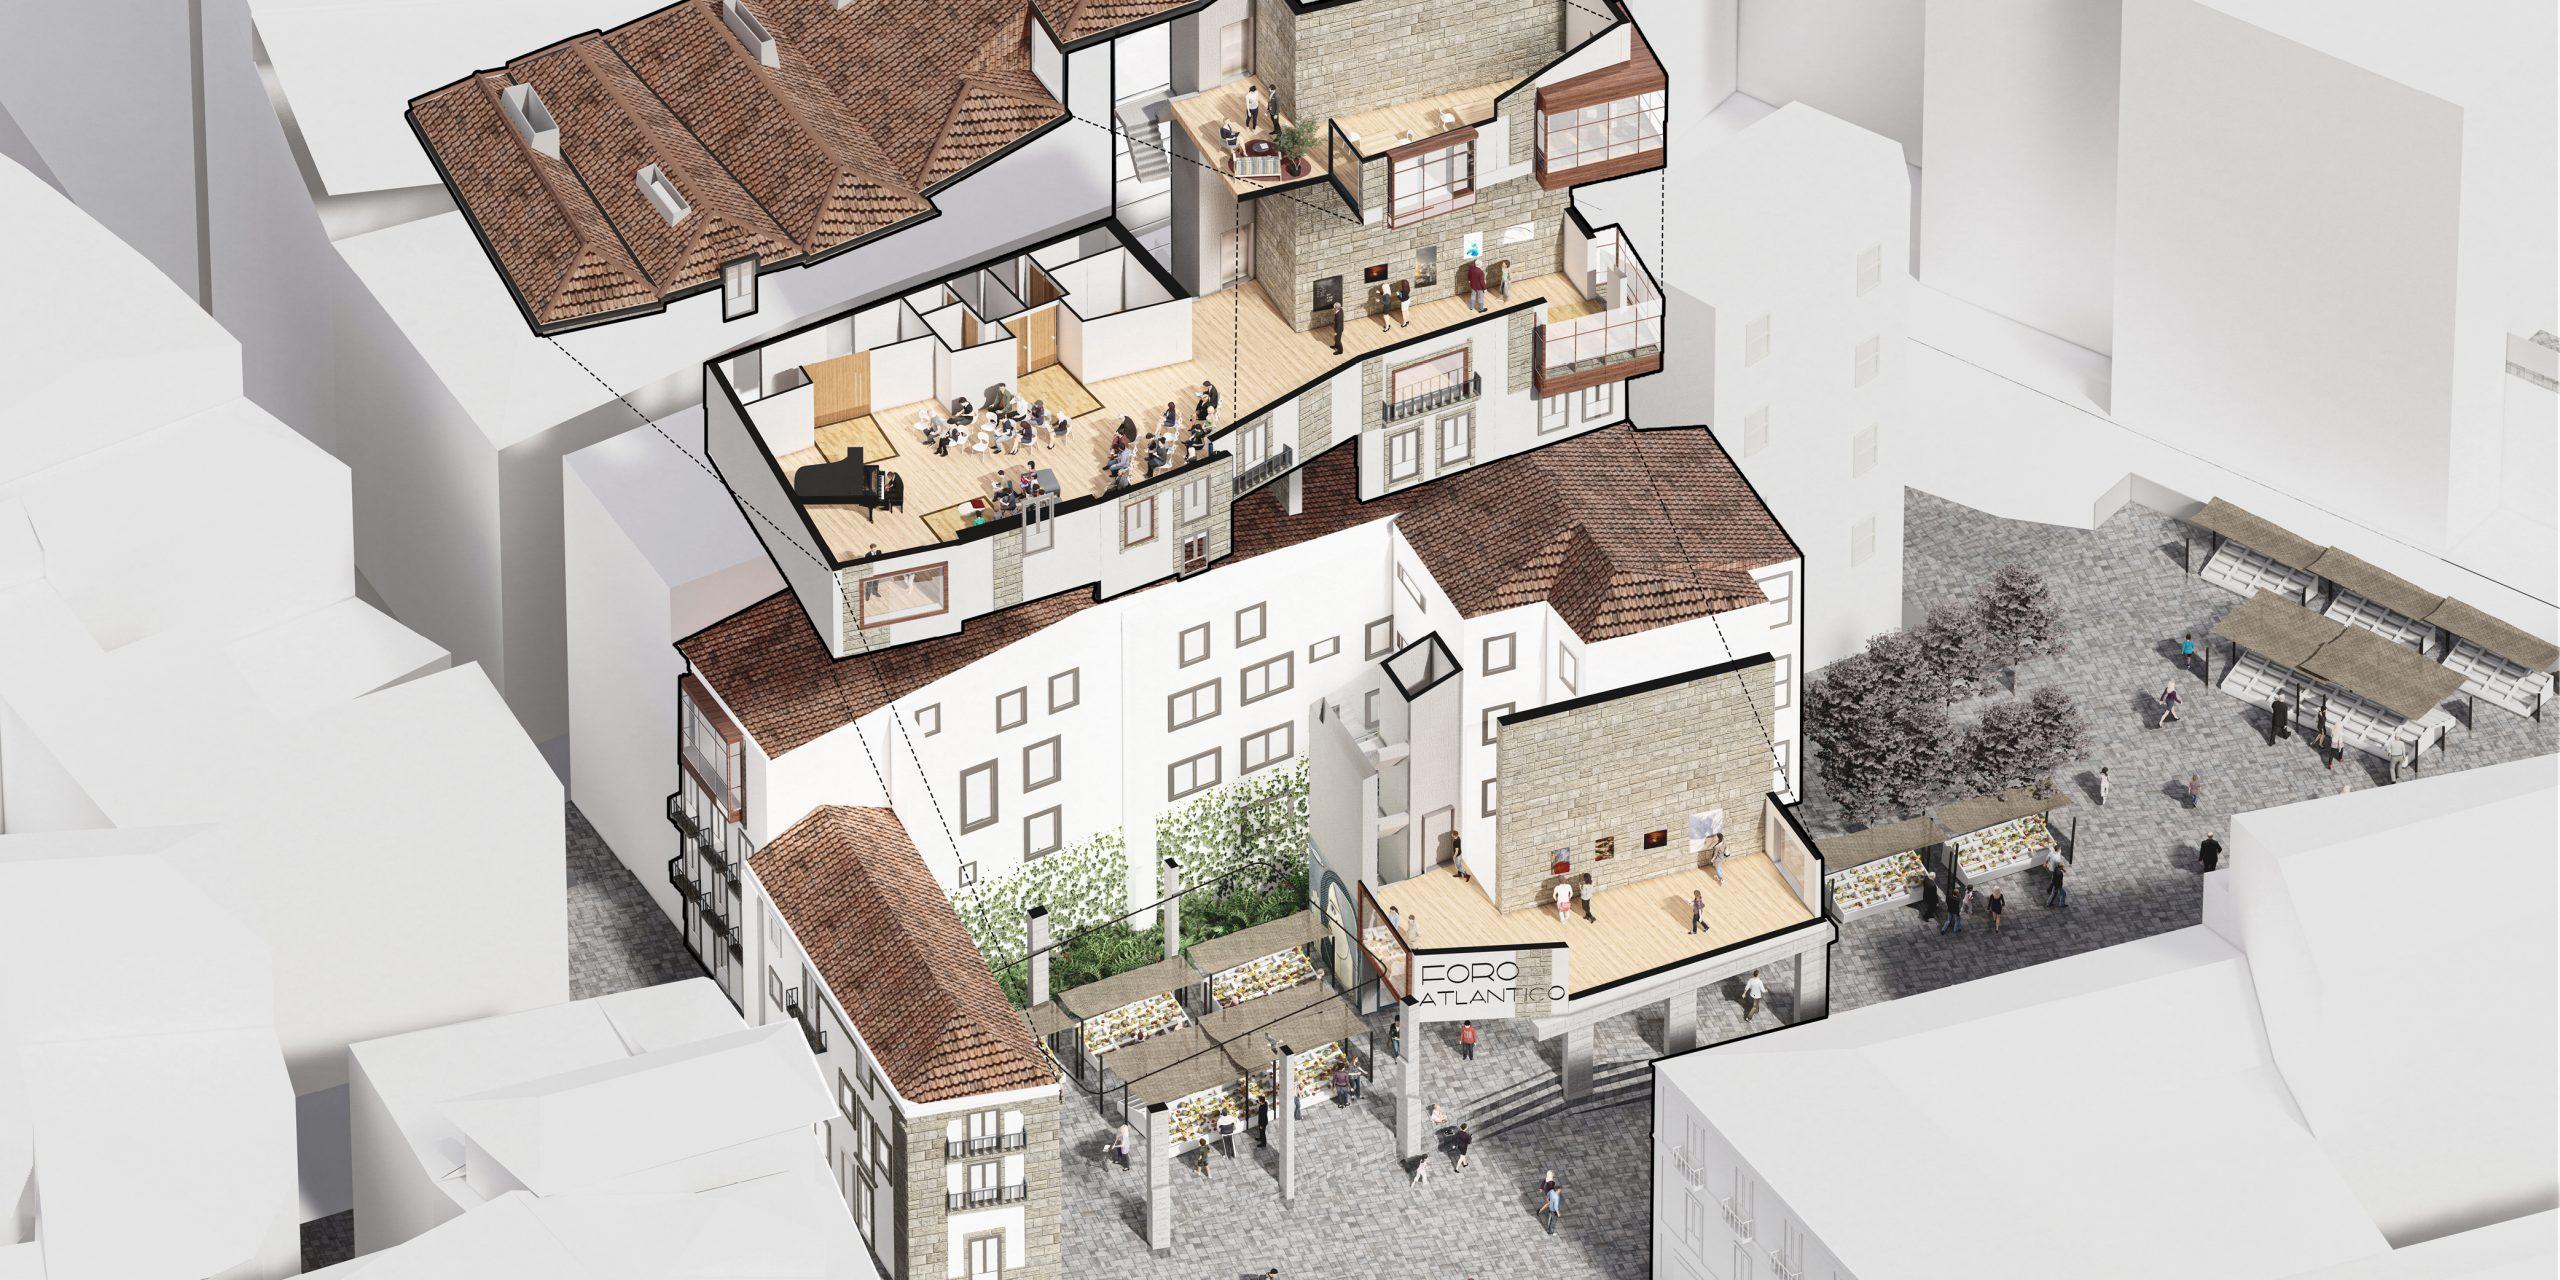 Edificación VIgo Arquitectura OCA ARCHITECTS OCA arquitectas Hernan Lleida Bernardo Garcia5